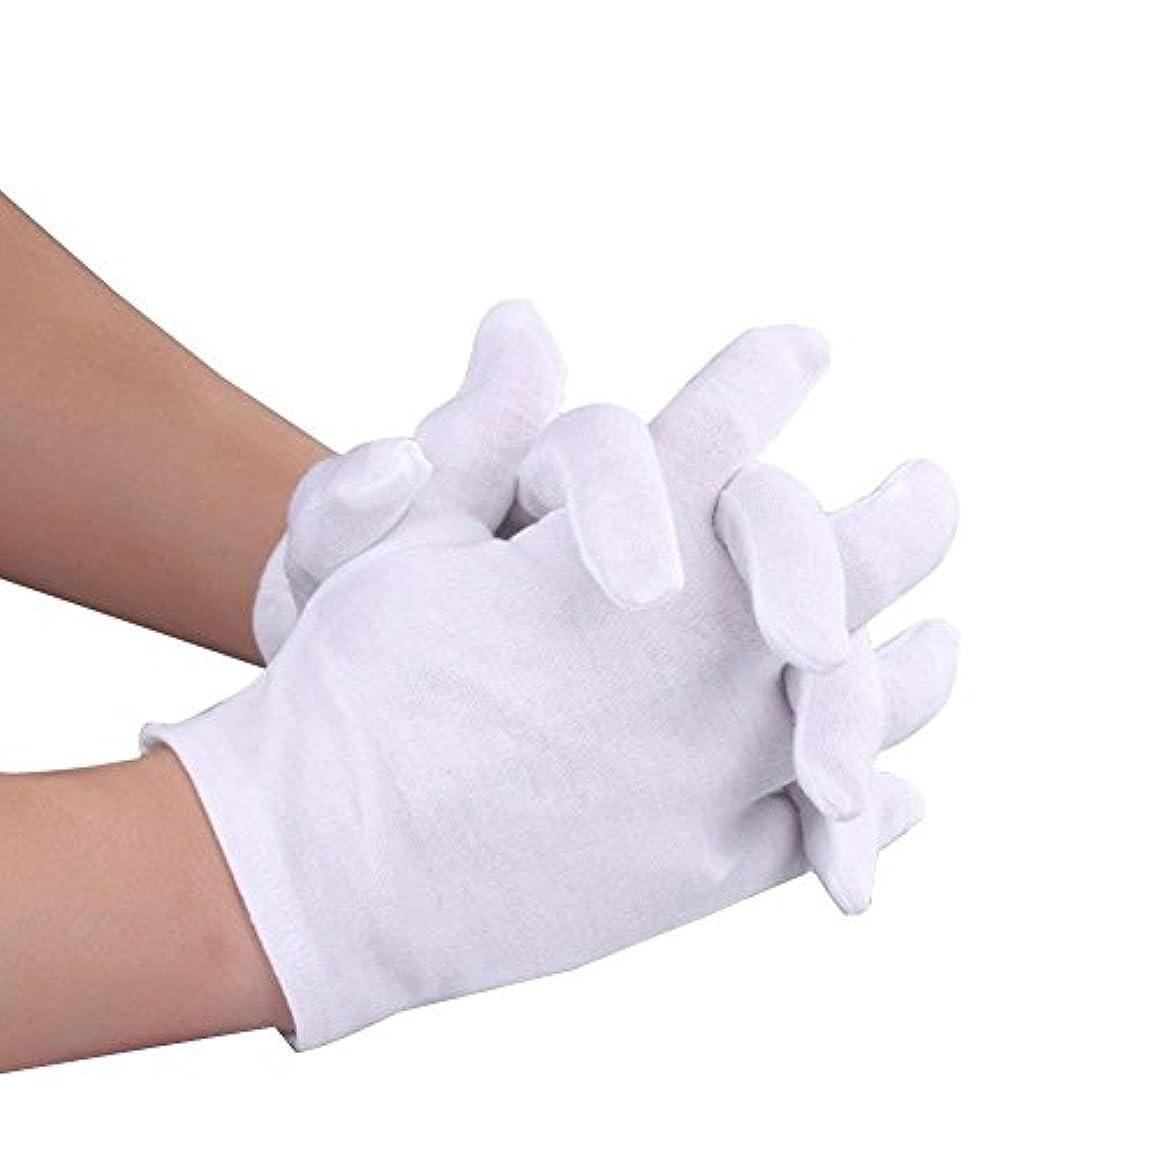 撤退インスタンス放射性Wolfride 15Pairs コットン手袋 厚くする綿手袋 インナーコットン手袋 ガーデニング用手袋 Sサイズ 家事用 礼装用